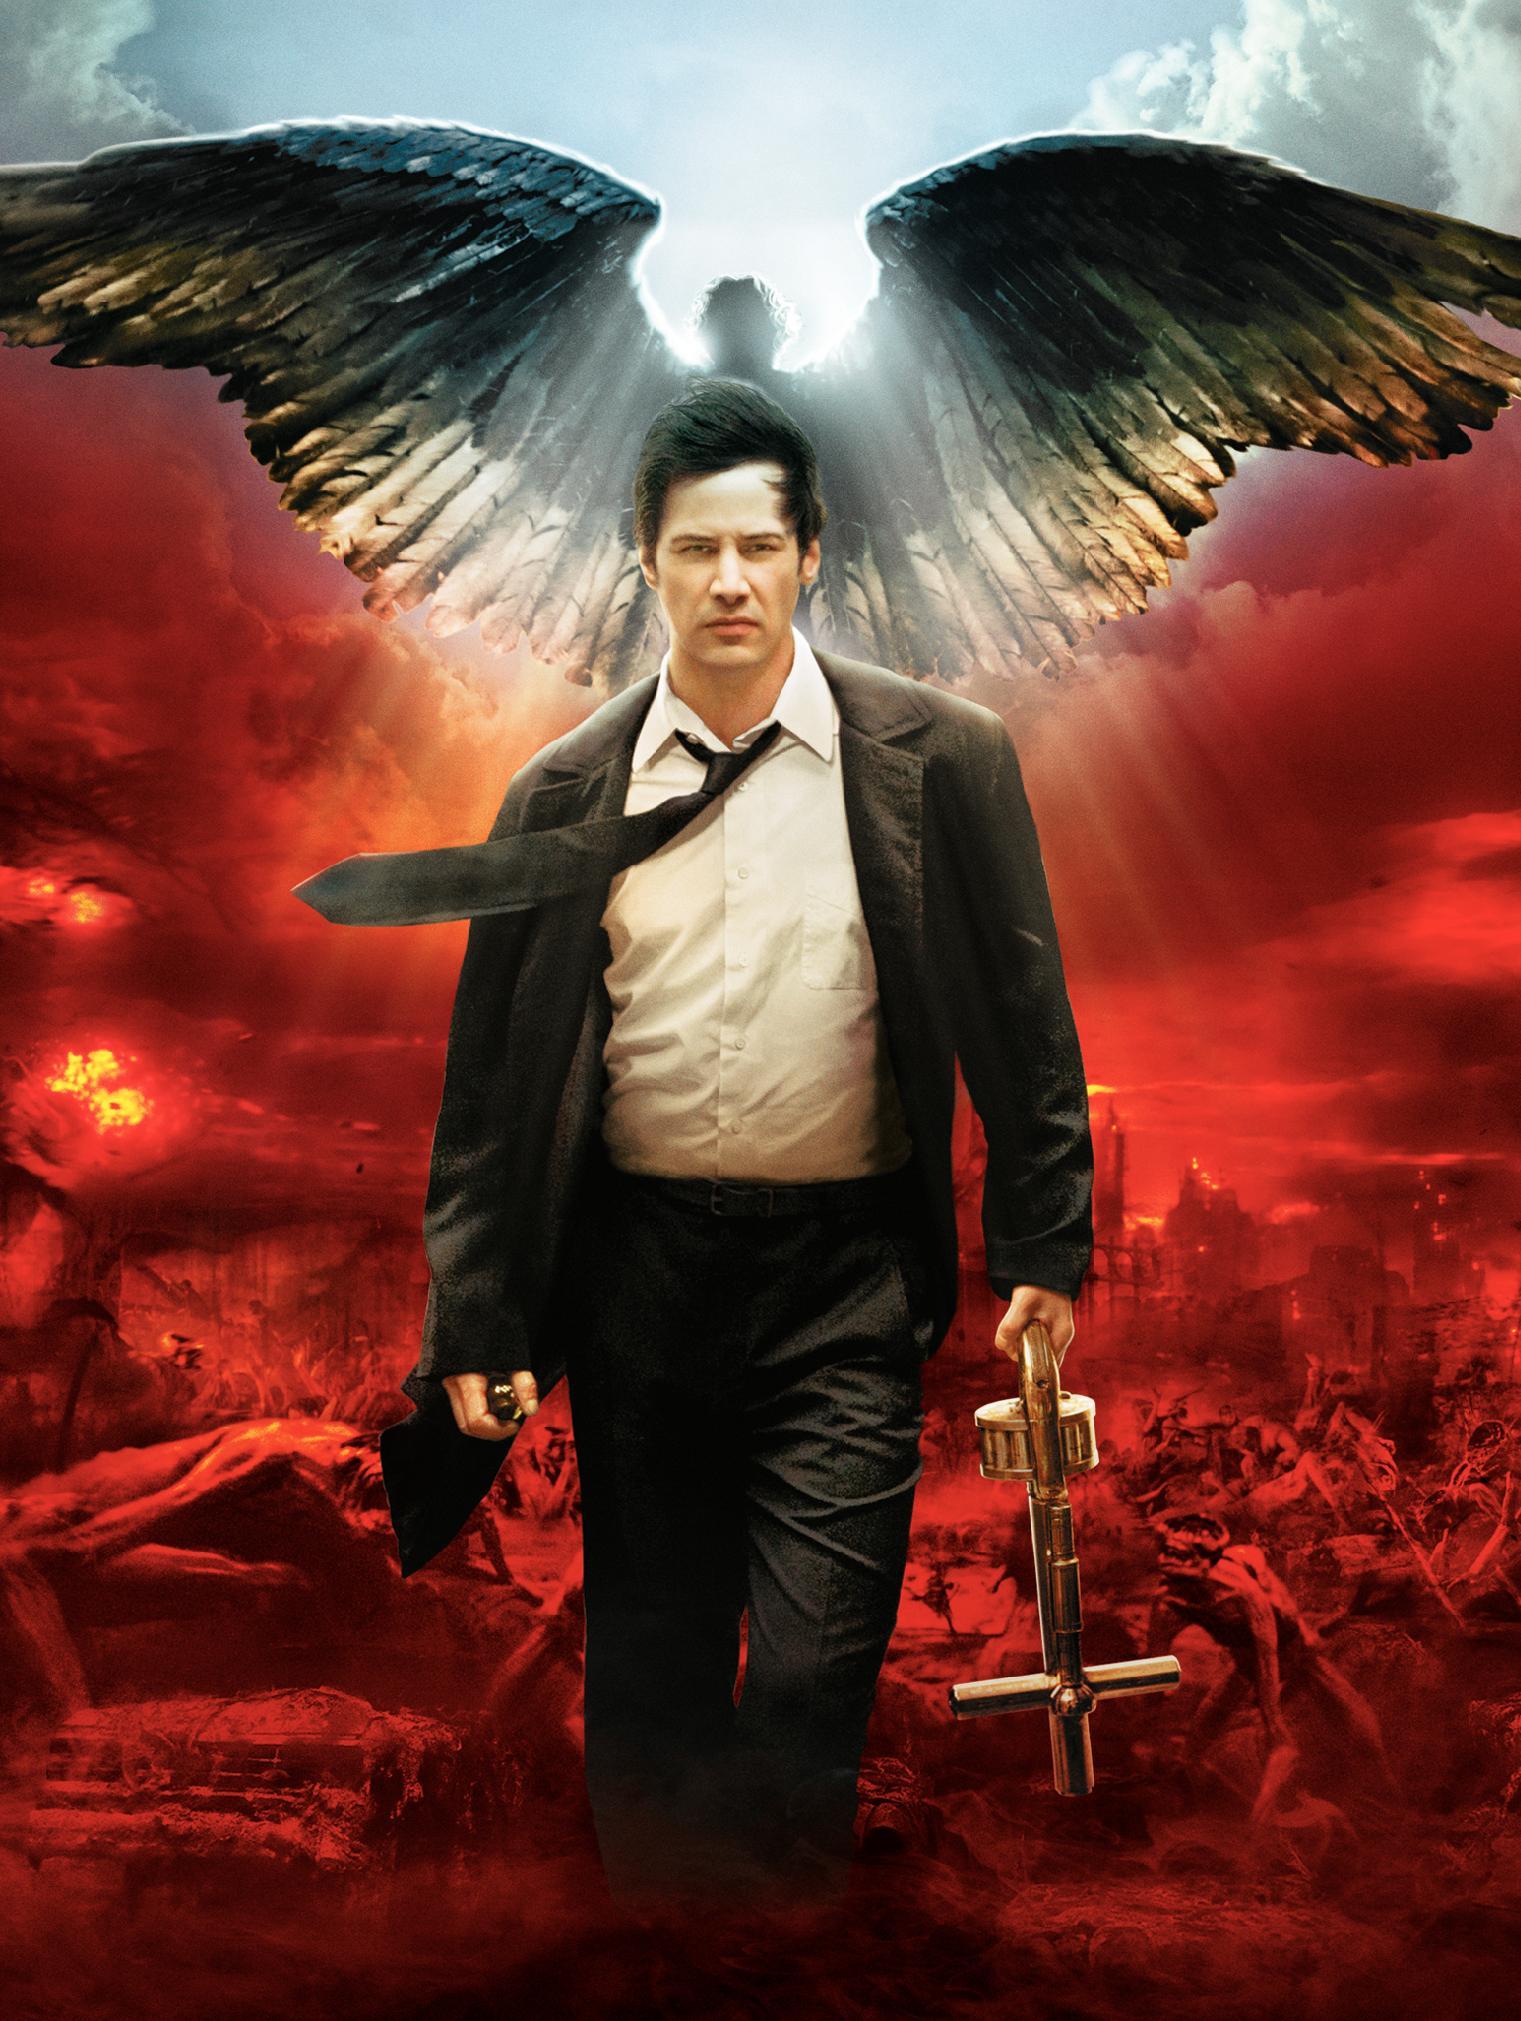 《地狱神探》上映15周年,基努·里维斯将现身线上漫展